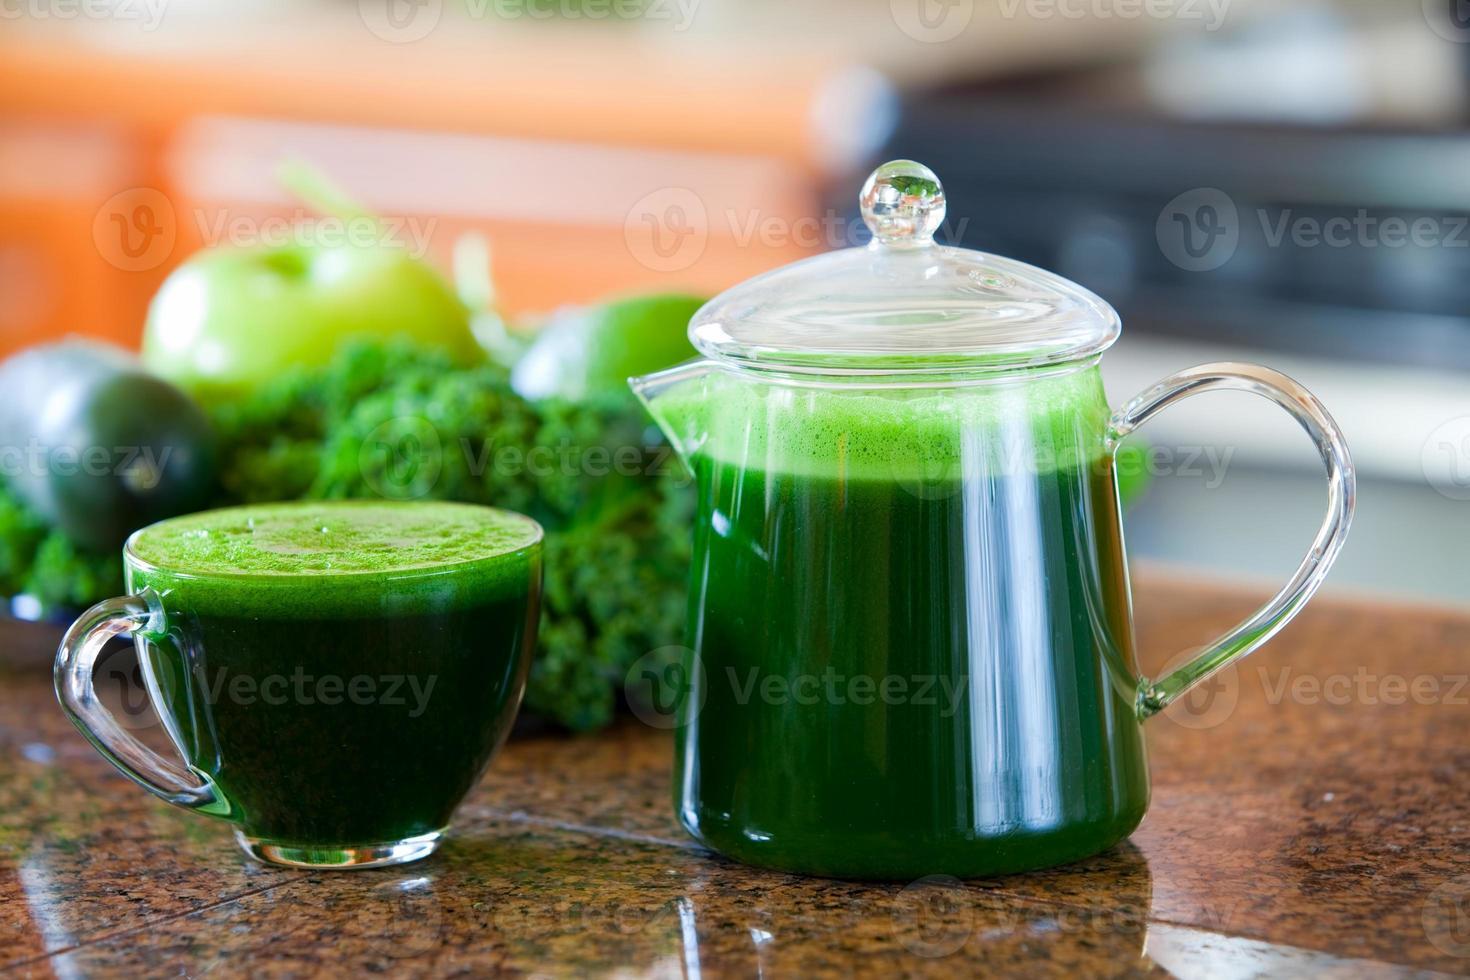 glas kopp grön grönsakssaft på köksbänken foto